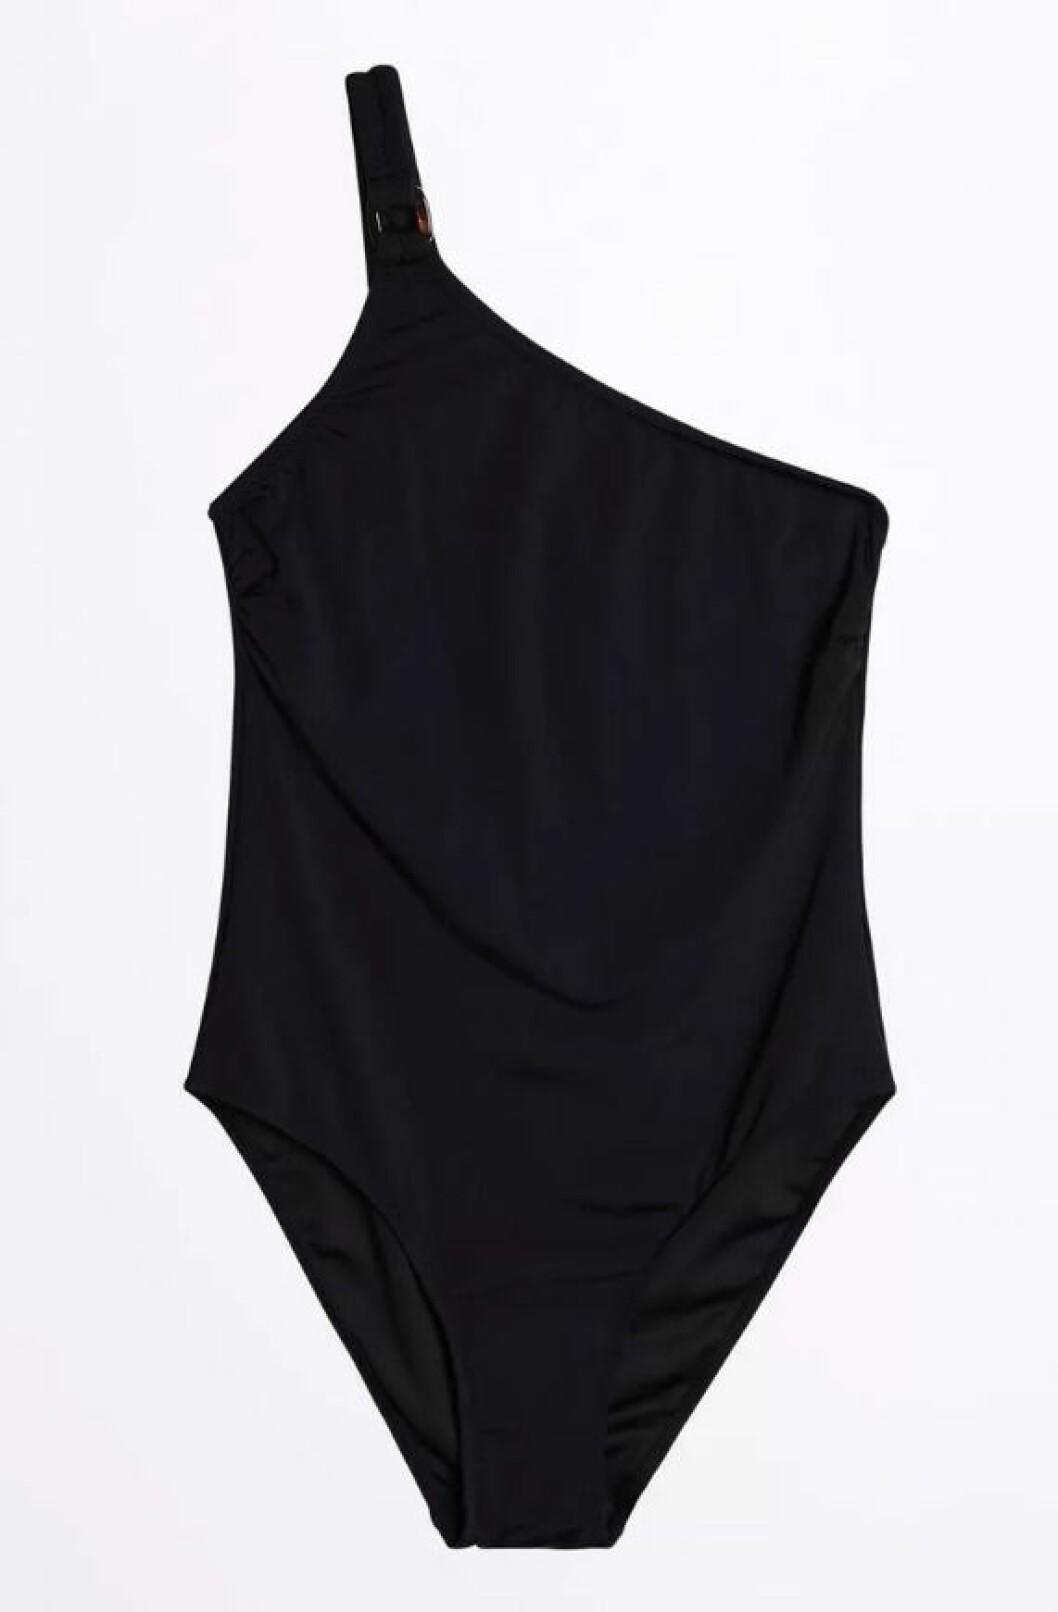 Svart baddräkt från Gina tricot till sommaren 2019